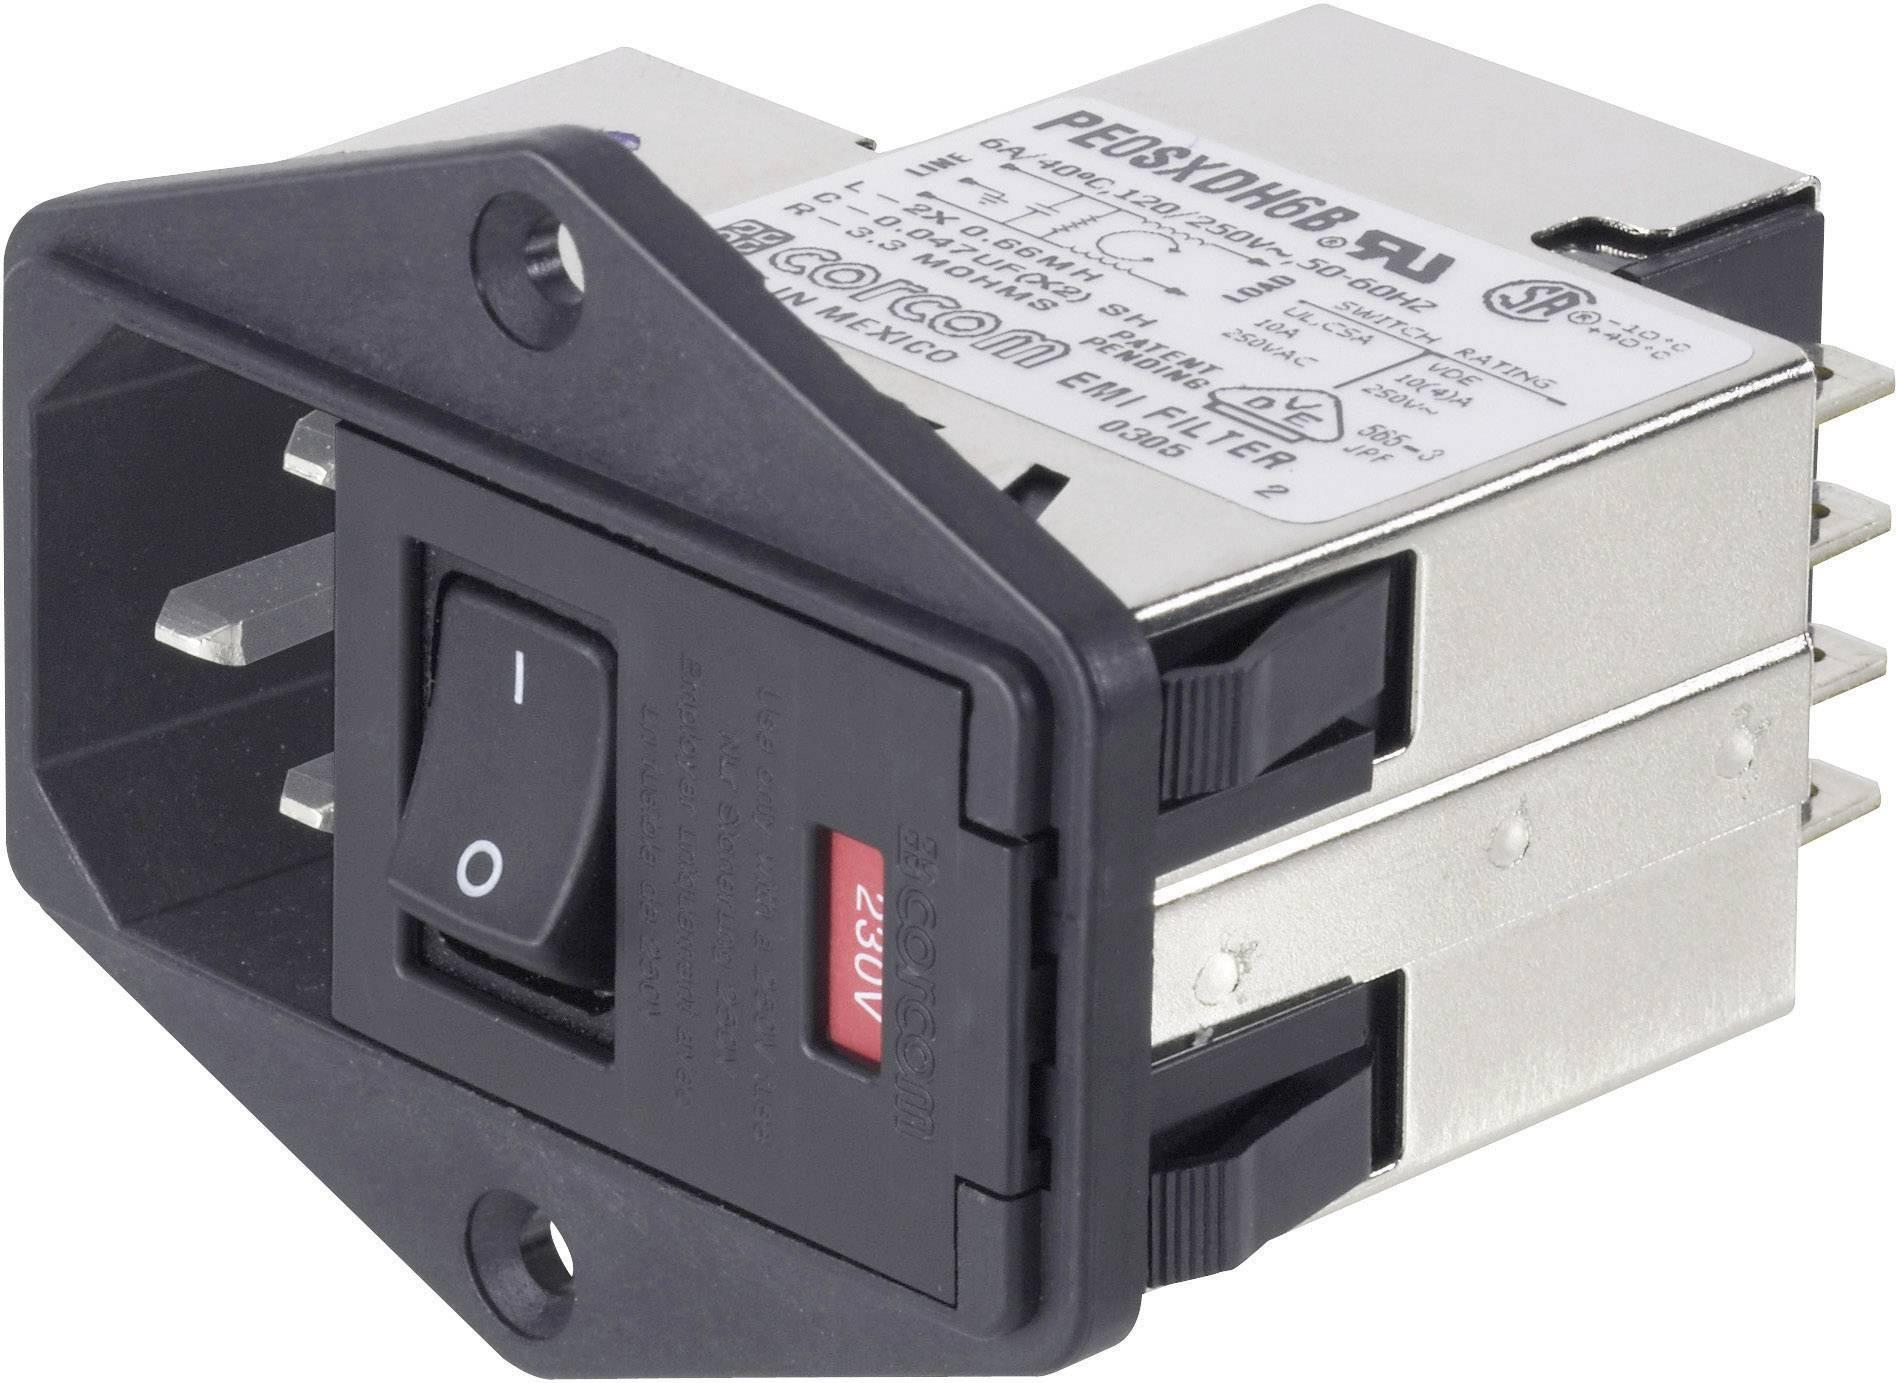 Sieťový filter TE Connectivity PS000DSXB=C1260 7-6609107-9, s IEC zásuvkou, 250 V/AC, 10 A, 1 ks